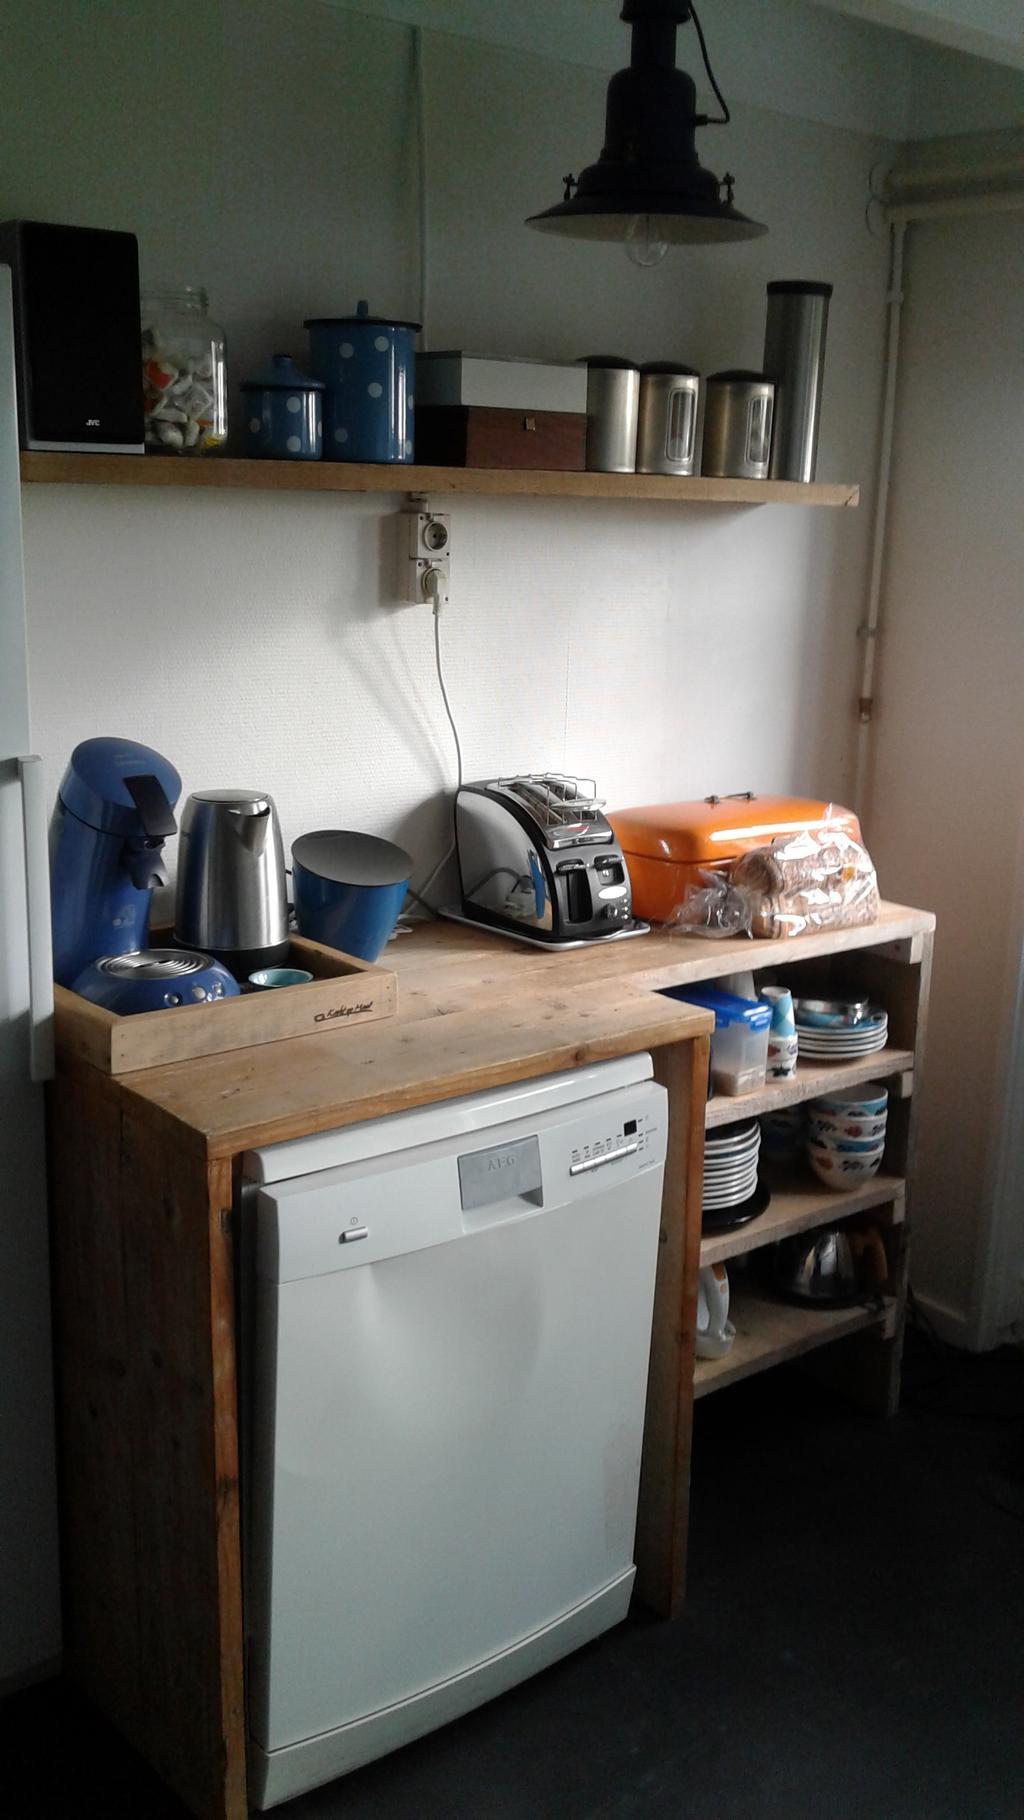 omdat-het-keukenblok-een-kastbreedte-kleiner-was-geworden-door-het-grote-fornuis-hebben-we-aan-de-andere-kant-van-de-keuken-een-toonbank-van-de-beautysalon-als-extra-werkruimte-geplaatst